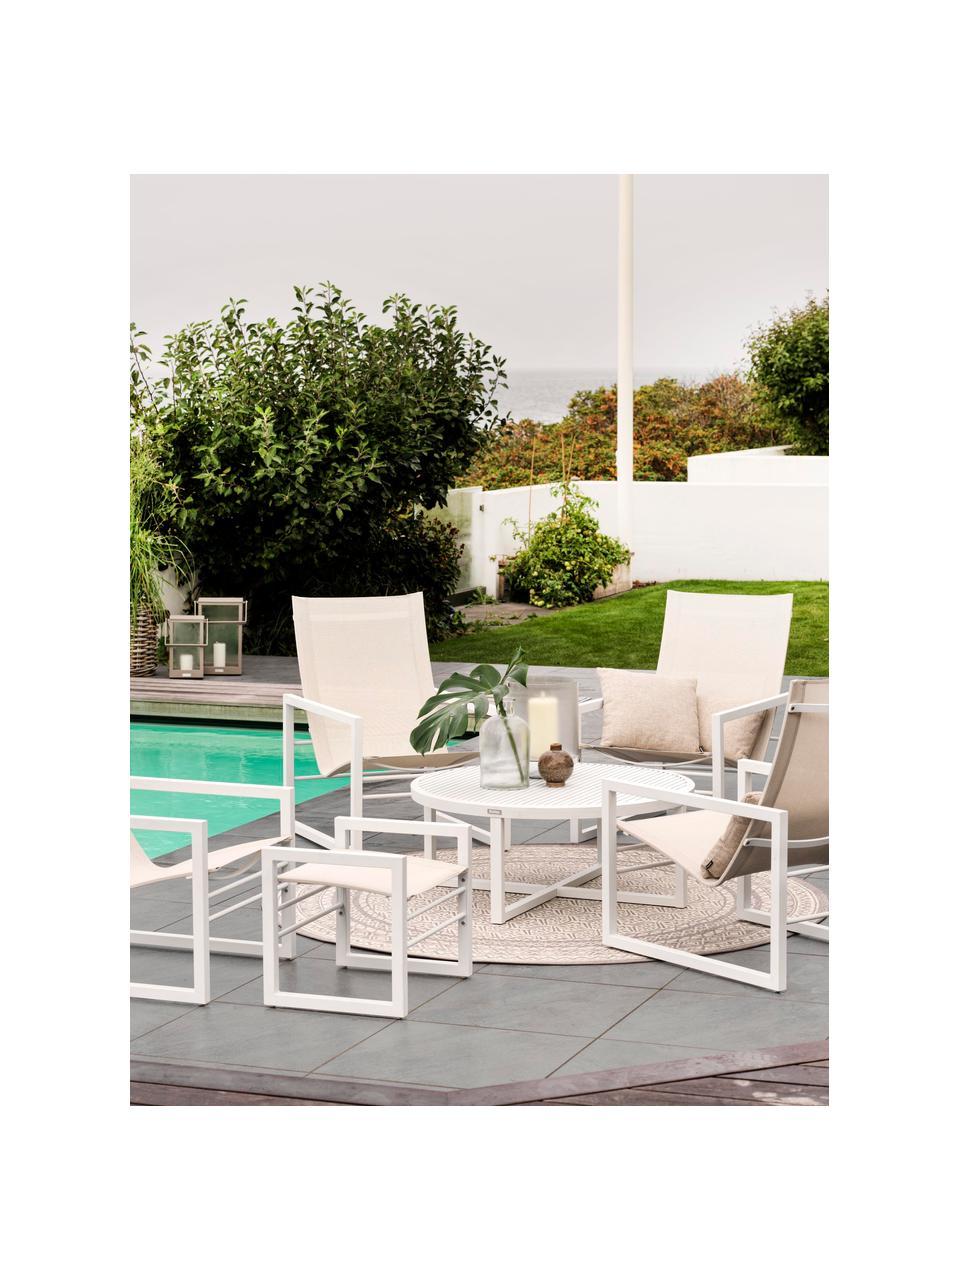 Garten-Couchtisch Vevi in Weiß, Aluminium, pulverbeschichtet, Weiß, Ø 100 x H 40 cm